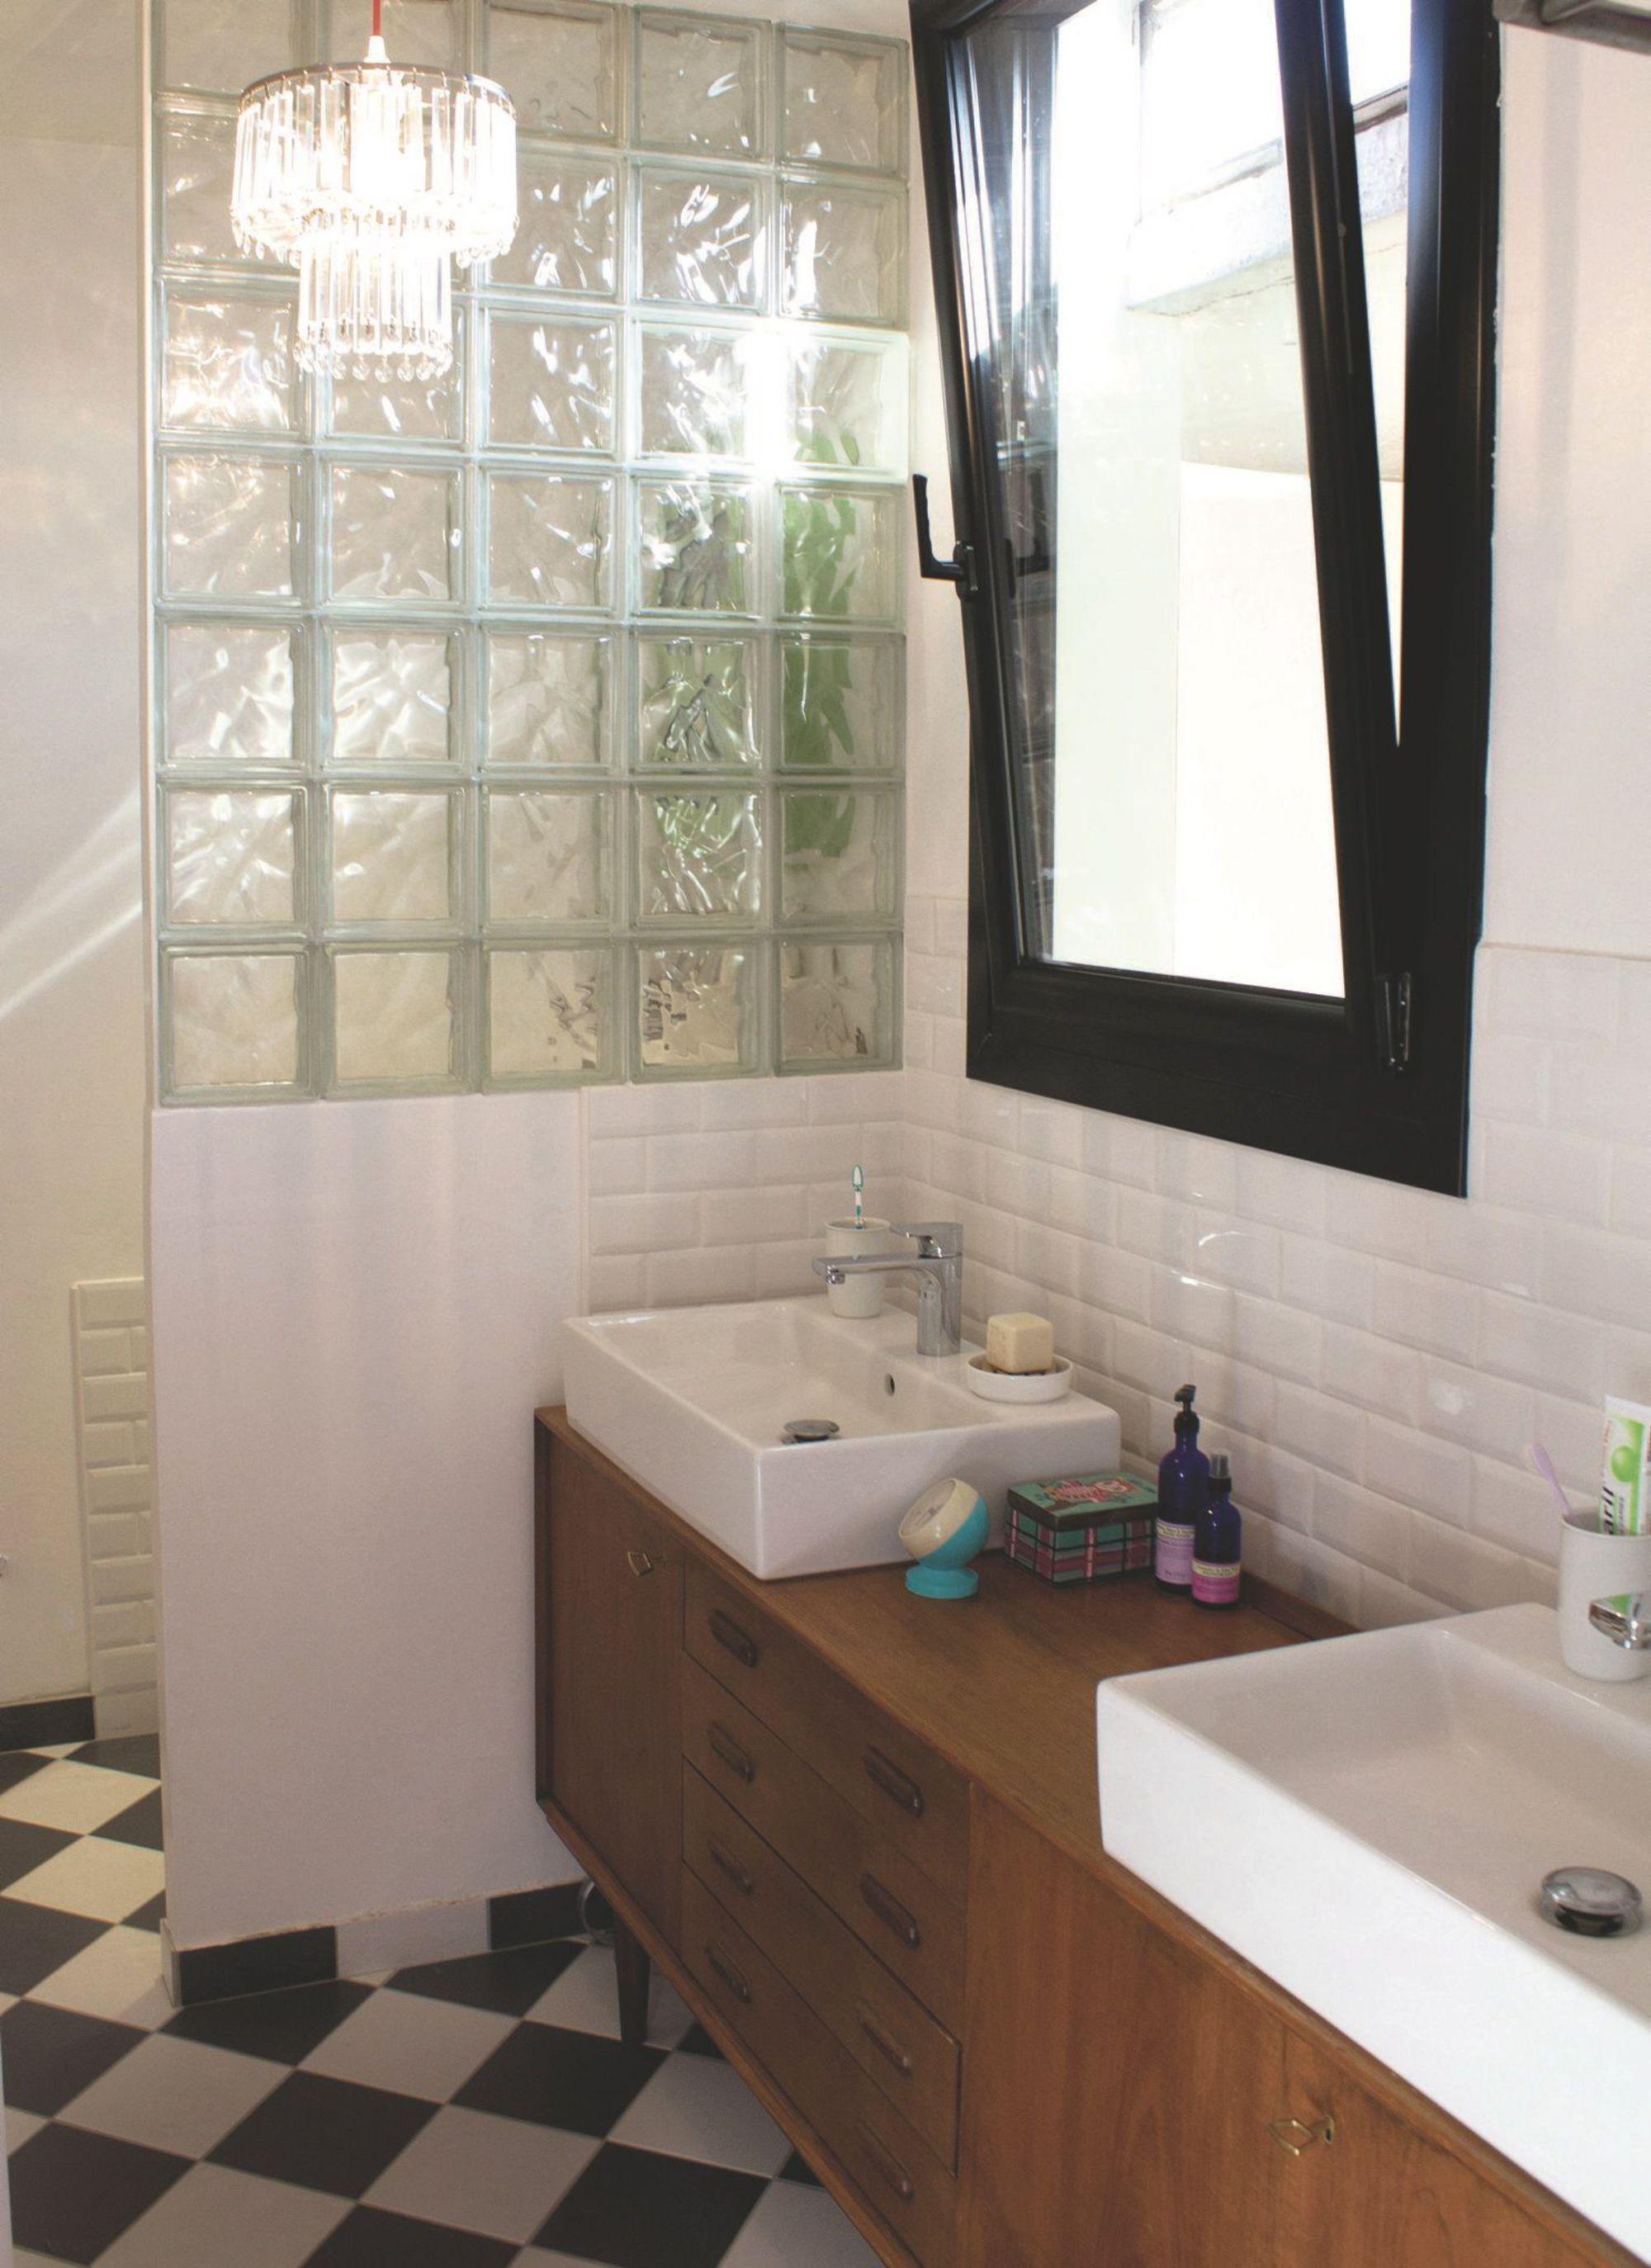 Decorer Sa Salle De Bain Soi Meme diy meuble de salle de bains : 3 idées pour un relooking